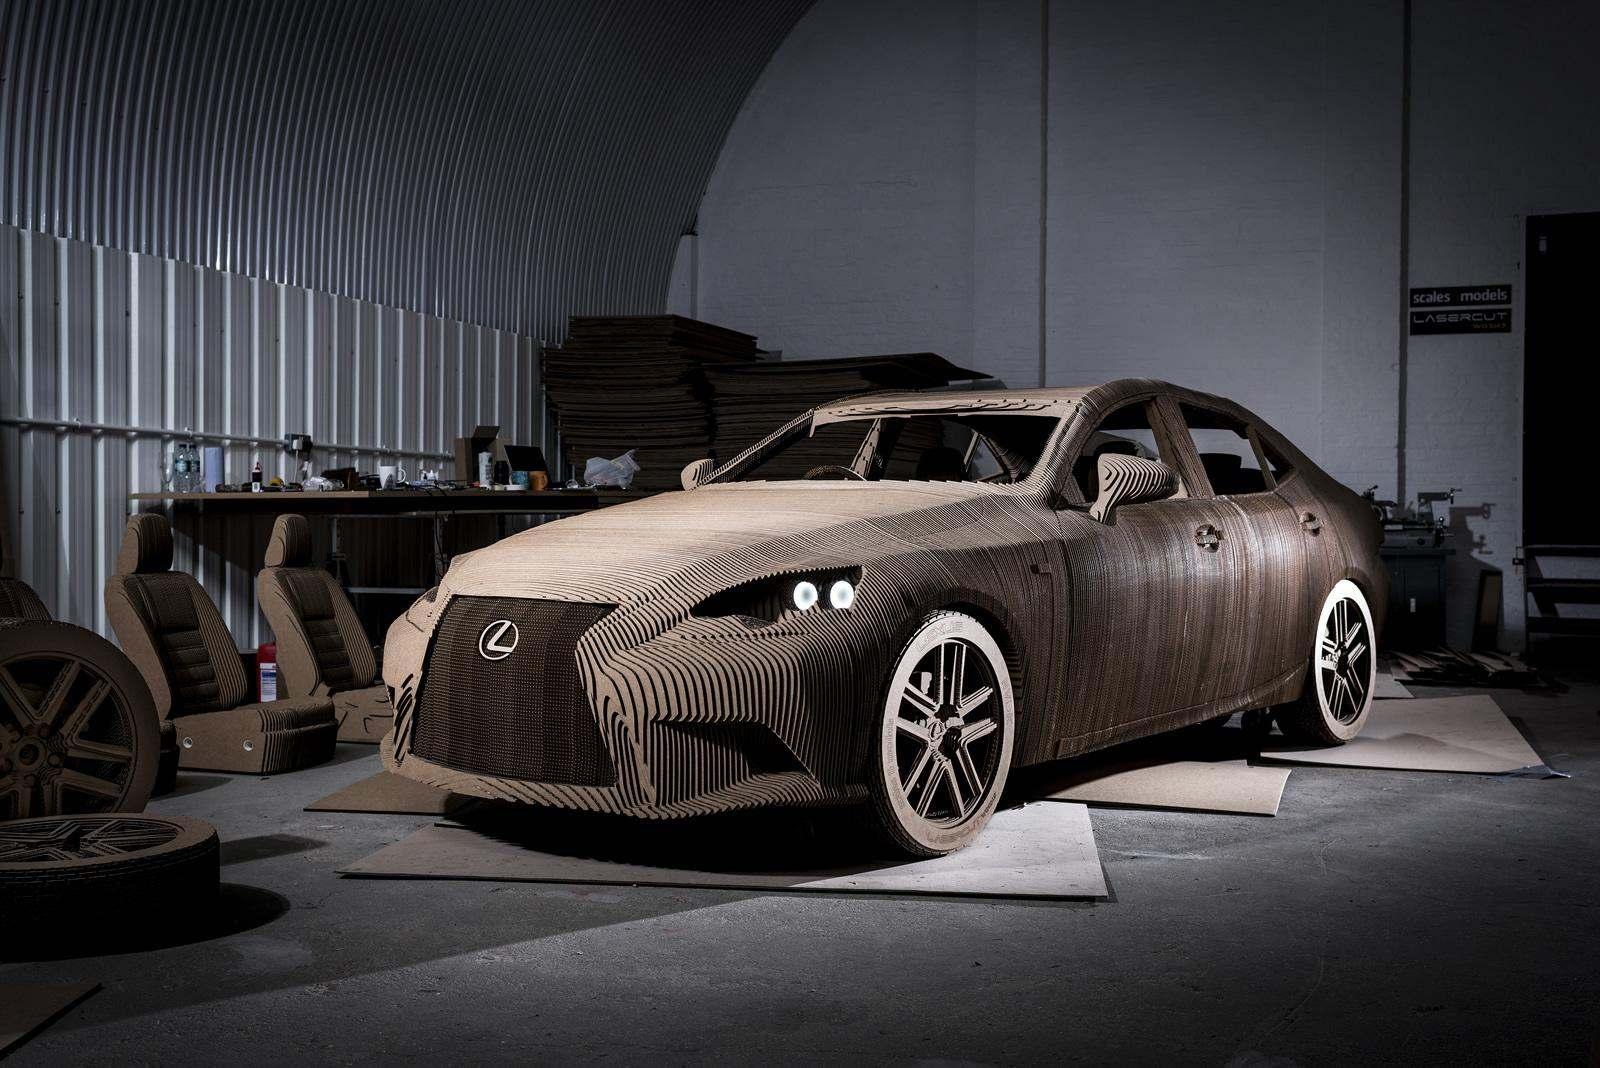 [Image: S0-Lexus-devoile-une-IS-roulante-en-carton-363721.jpg]